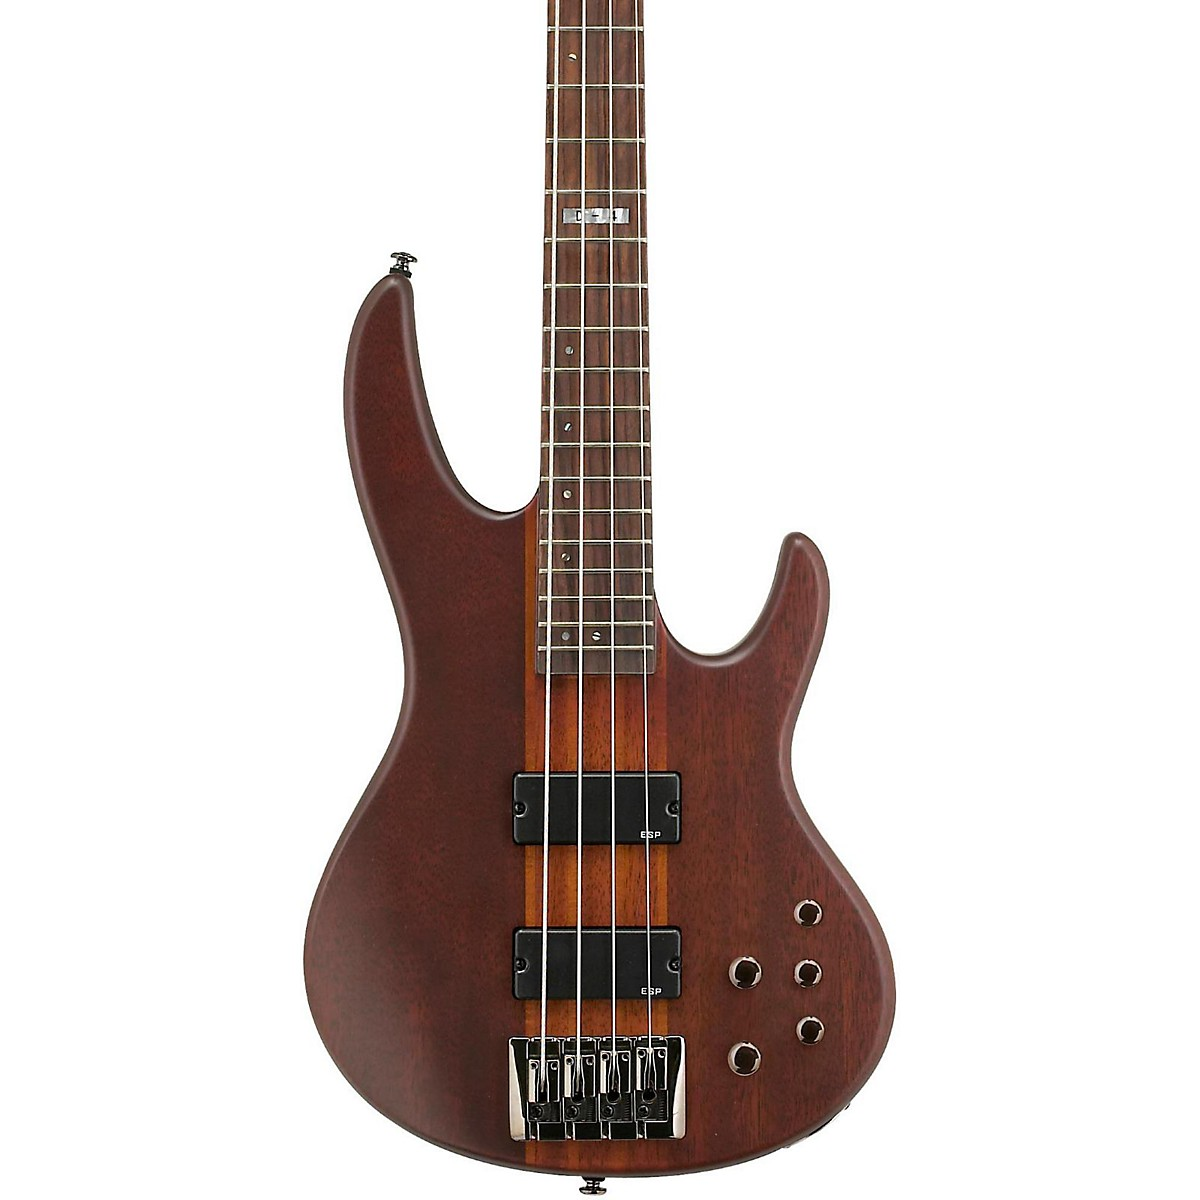 ESP LTD D-4 Bass Guitar